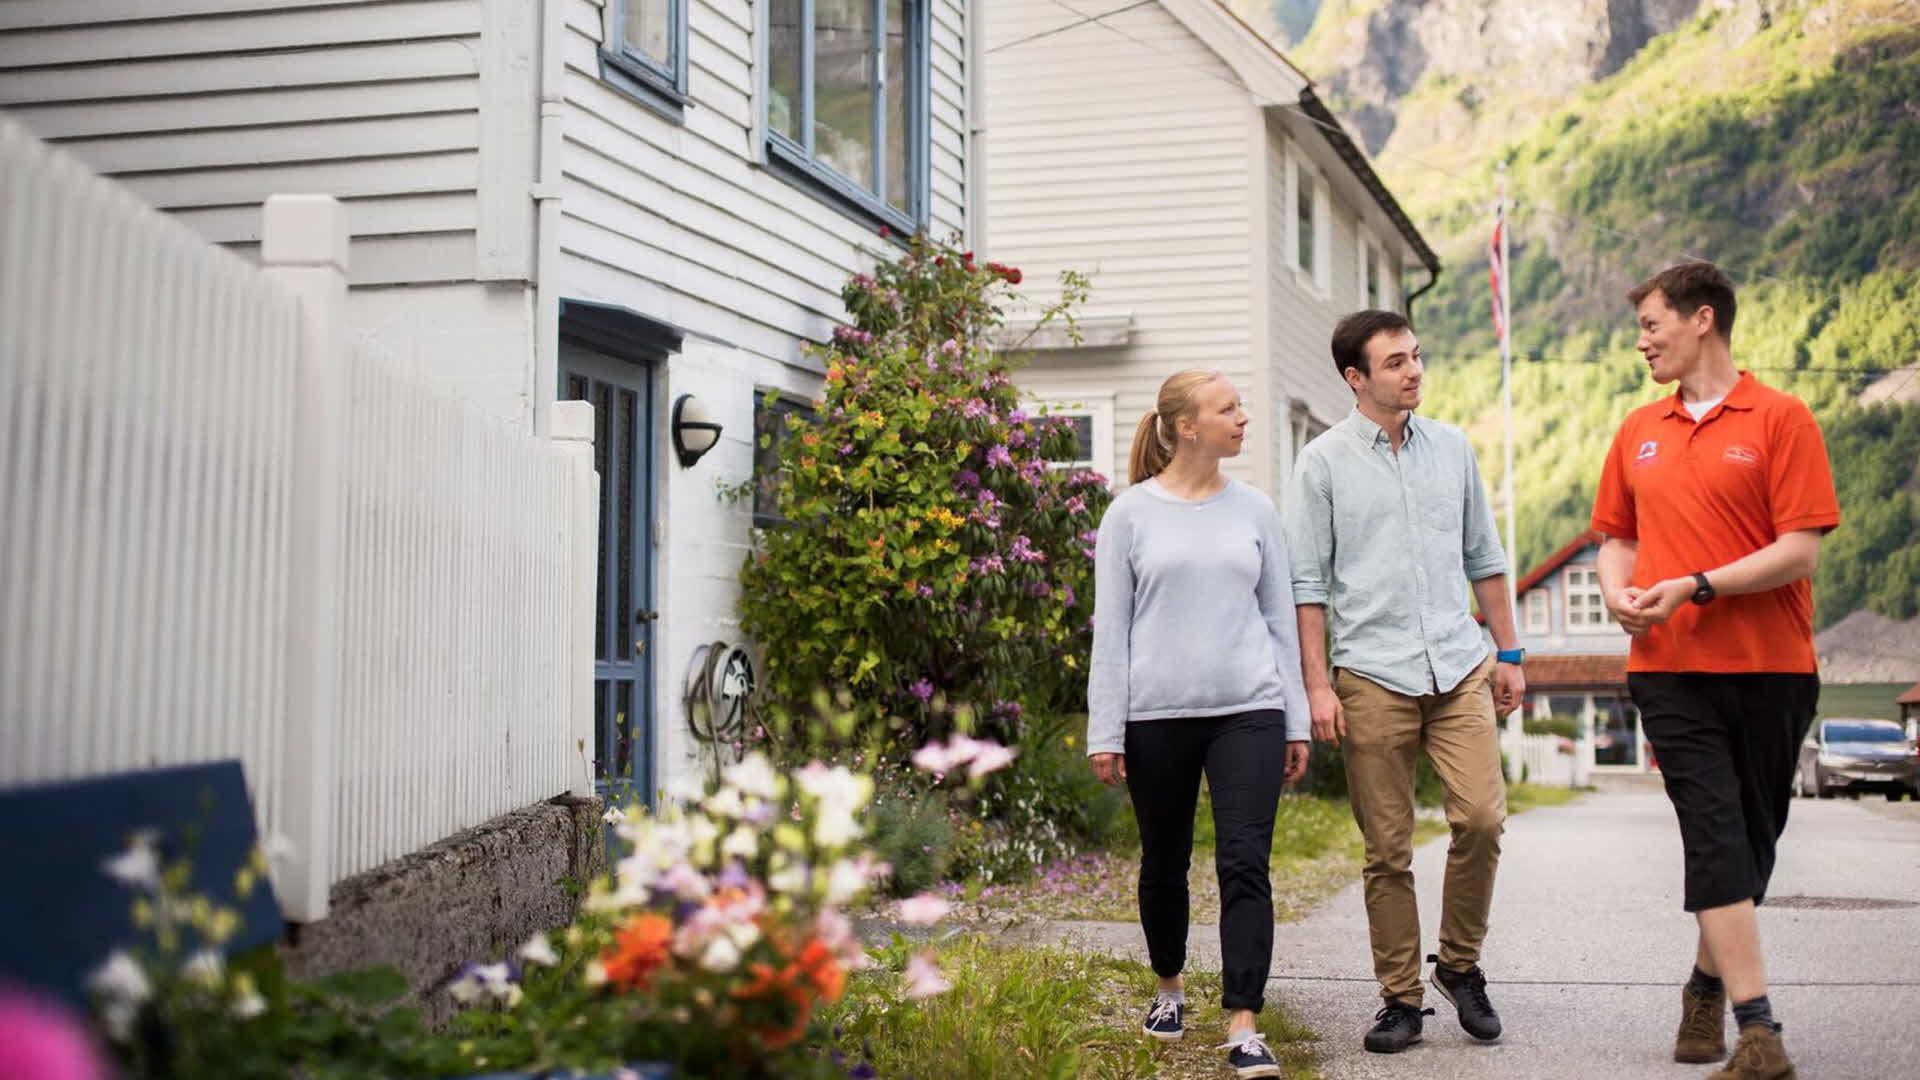 Et ungt par og en blid guide som går imellom de idylliske hvitmalte gamle husene i Undredal en vakker solskinnsdag